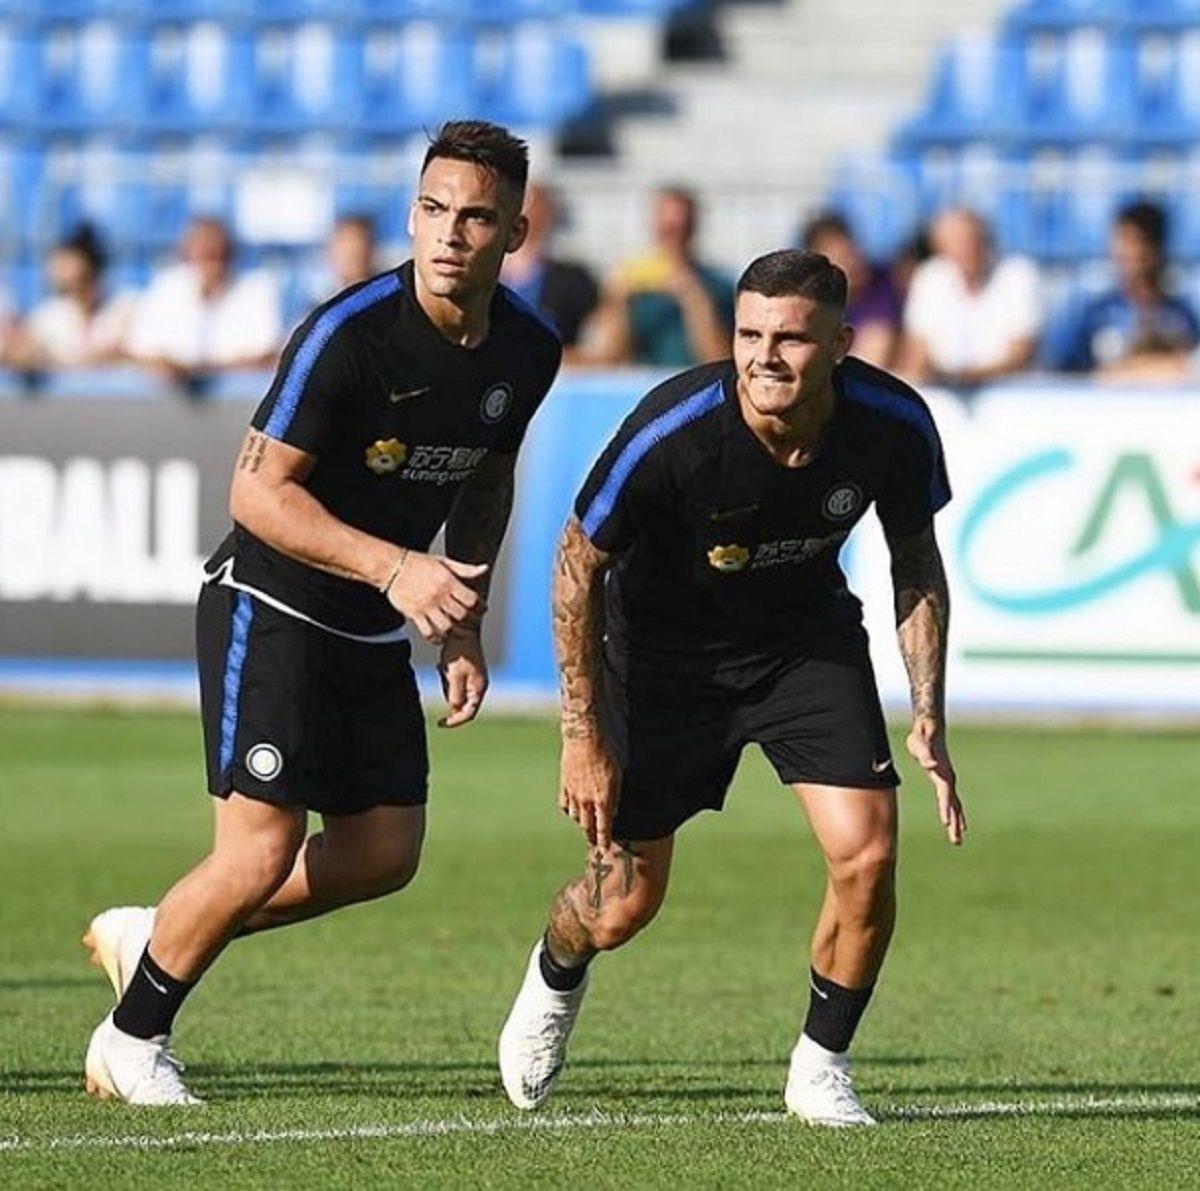 Lautaro Martínez y Mauiro Icardi en Inter - Crédito: Instagrammauroicardi